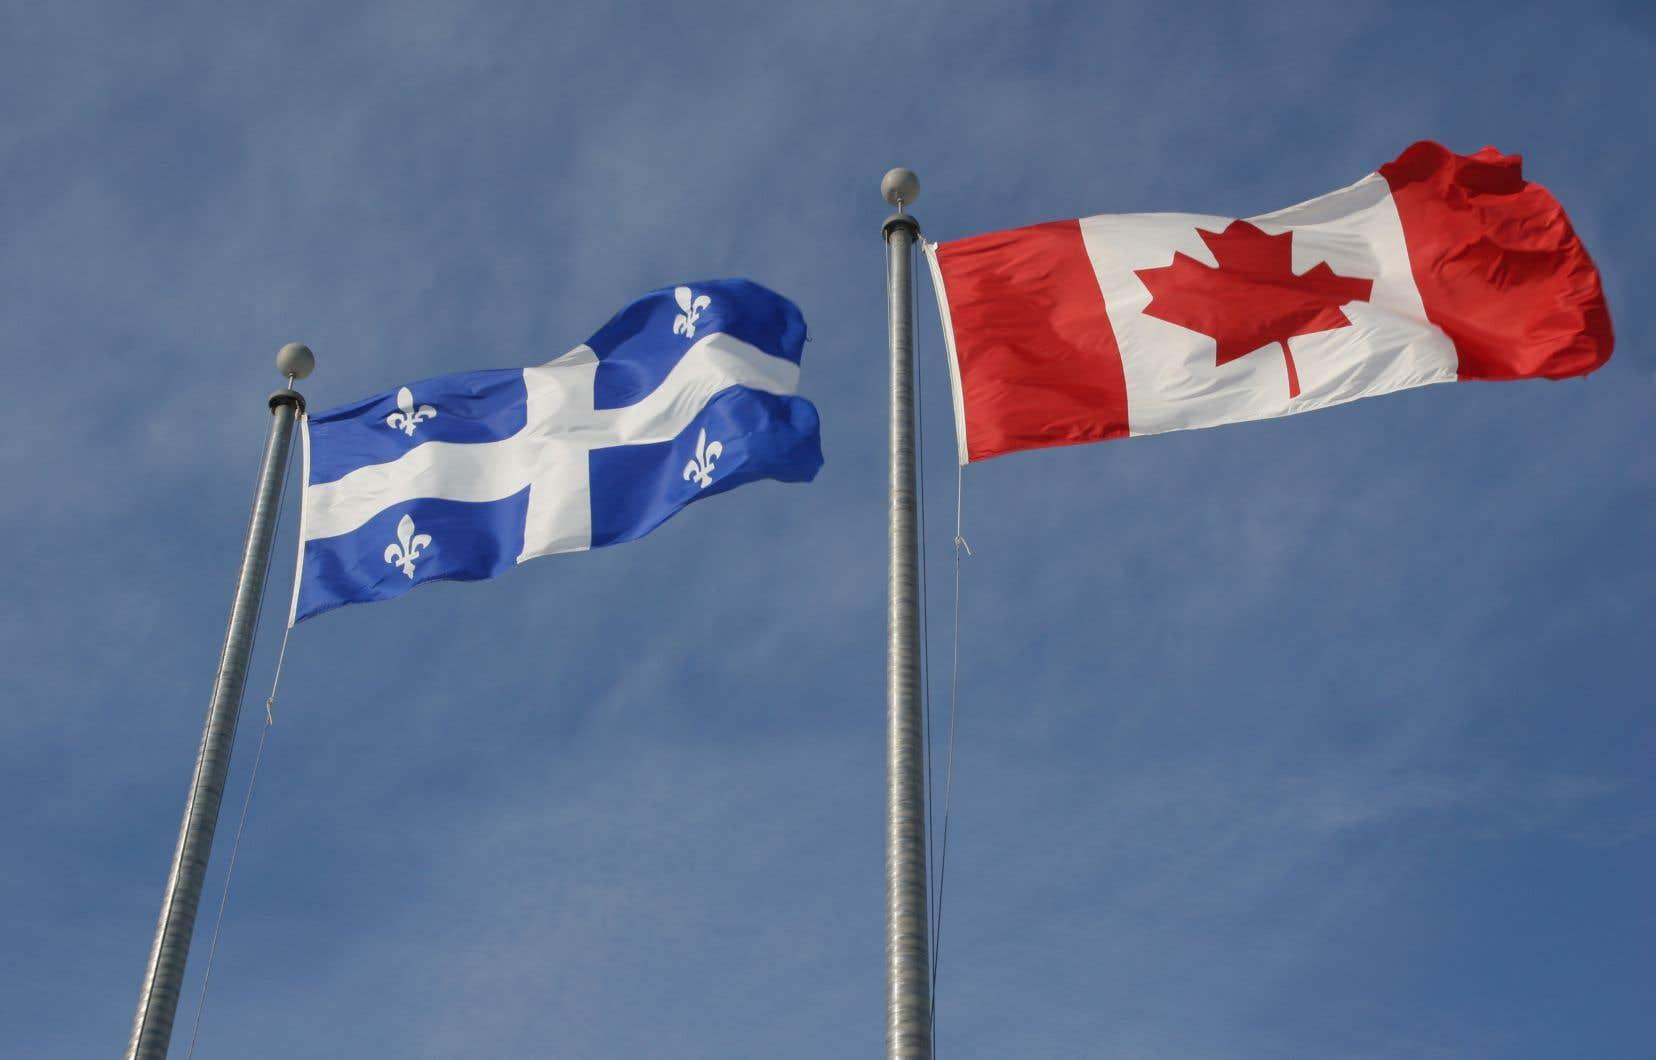 «Le Québec, nation et société distincte, qui par une loi sur la laïcité déroge à la politique canadienne, n'est pas de ce seul fait raciste et islamophobe», affirme l'auteur.